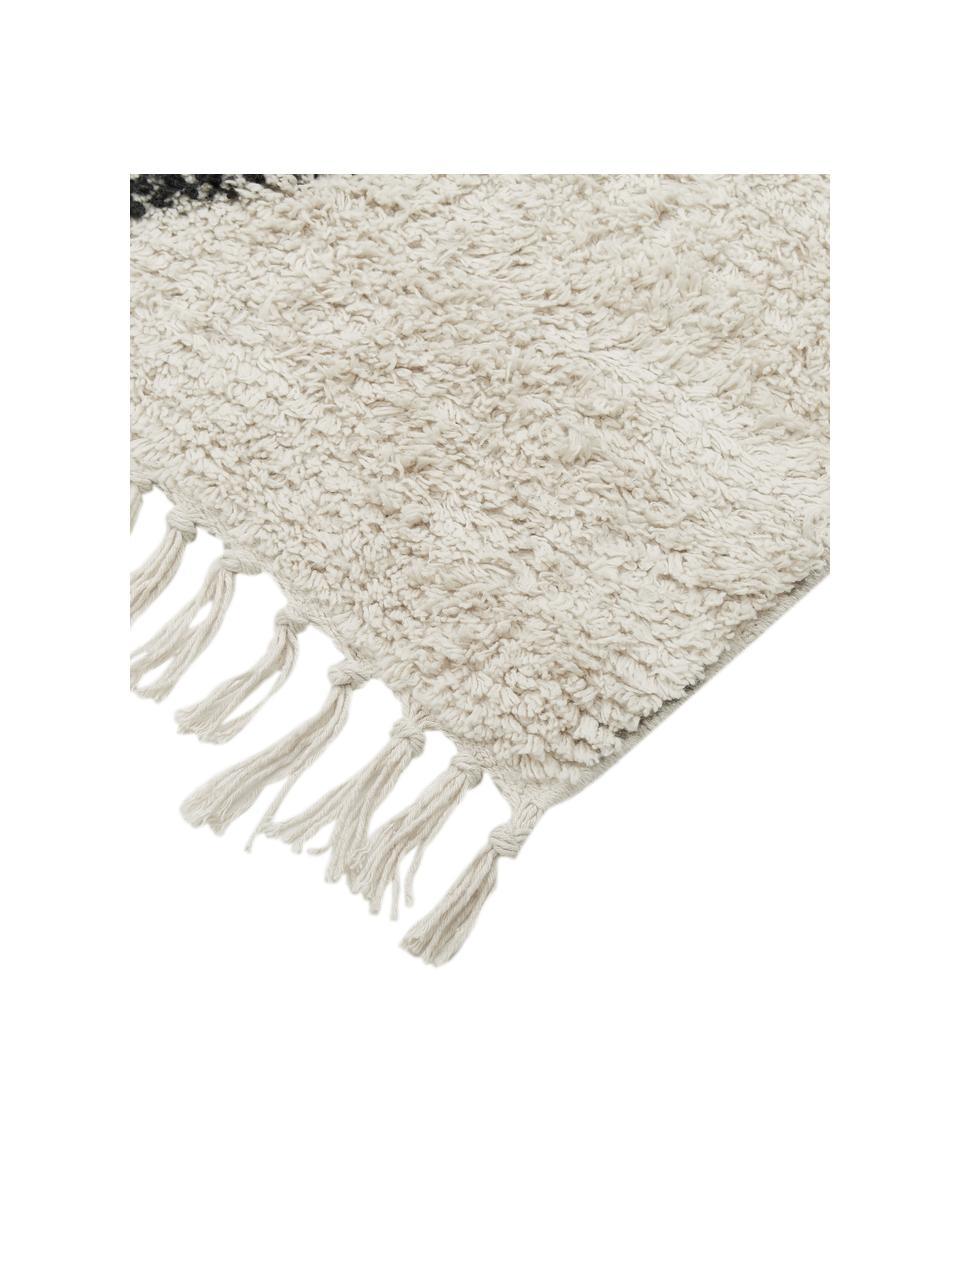 Handgetufteter Boho-Baumwollläufer Bina mit Rautenmuster und Fransen, 100% Baumwolle, Beige, Schwarz, 80 x 250 cm